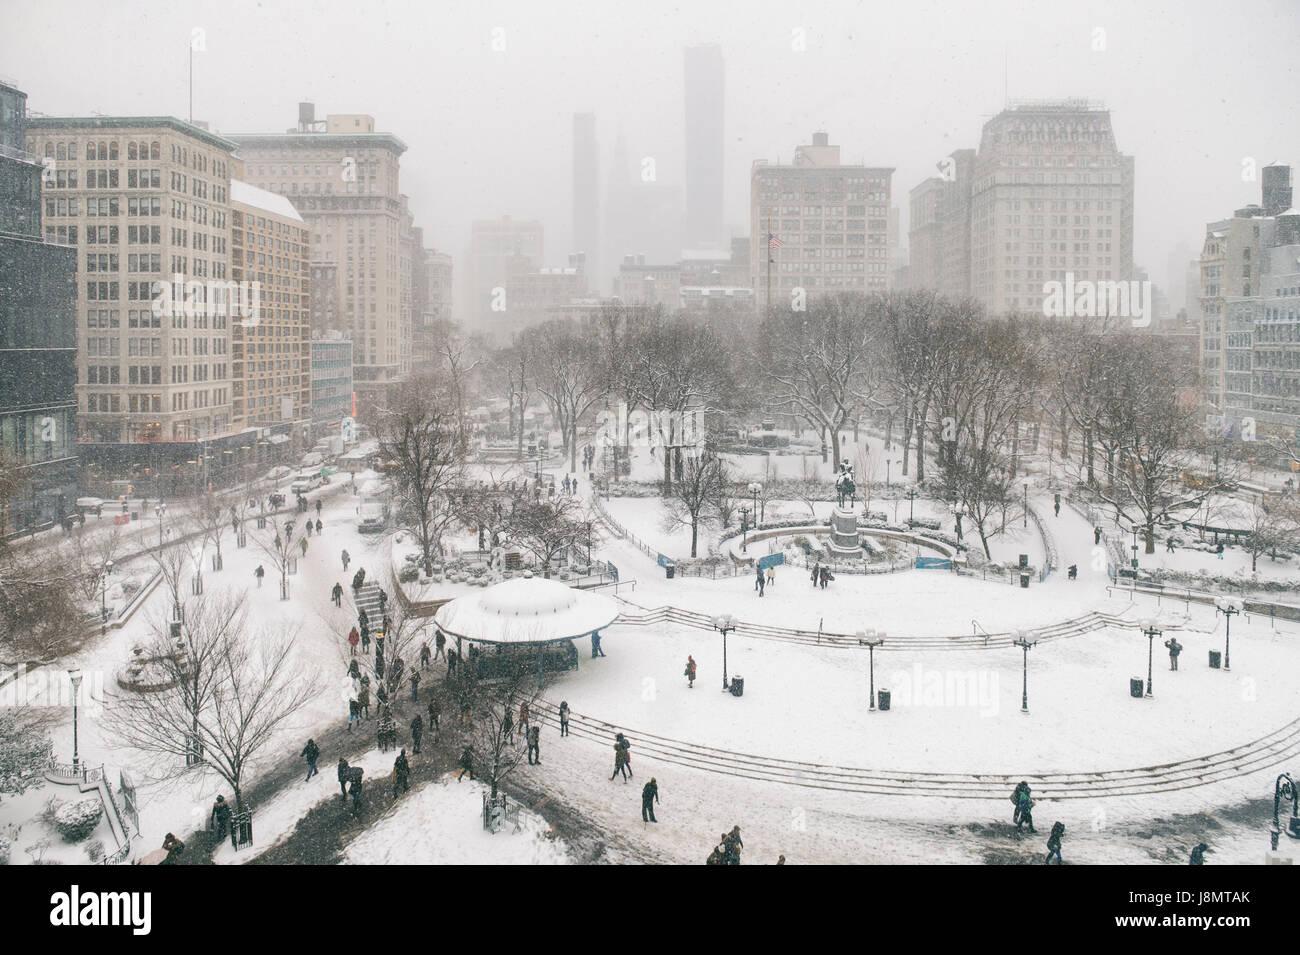 Escena de invierno con nieve con senderos dejados por los peatones en la nieve en Union Square como blizzard adelanta Imagen De Stock